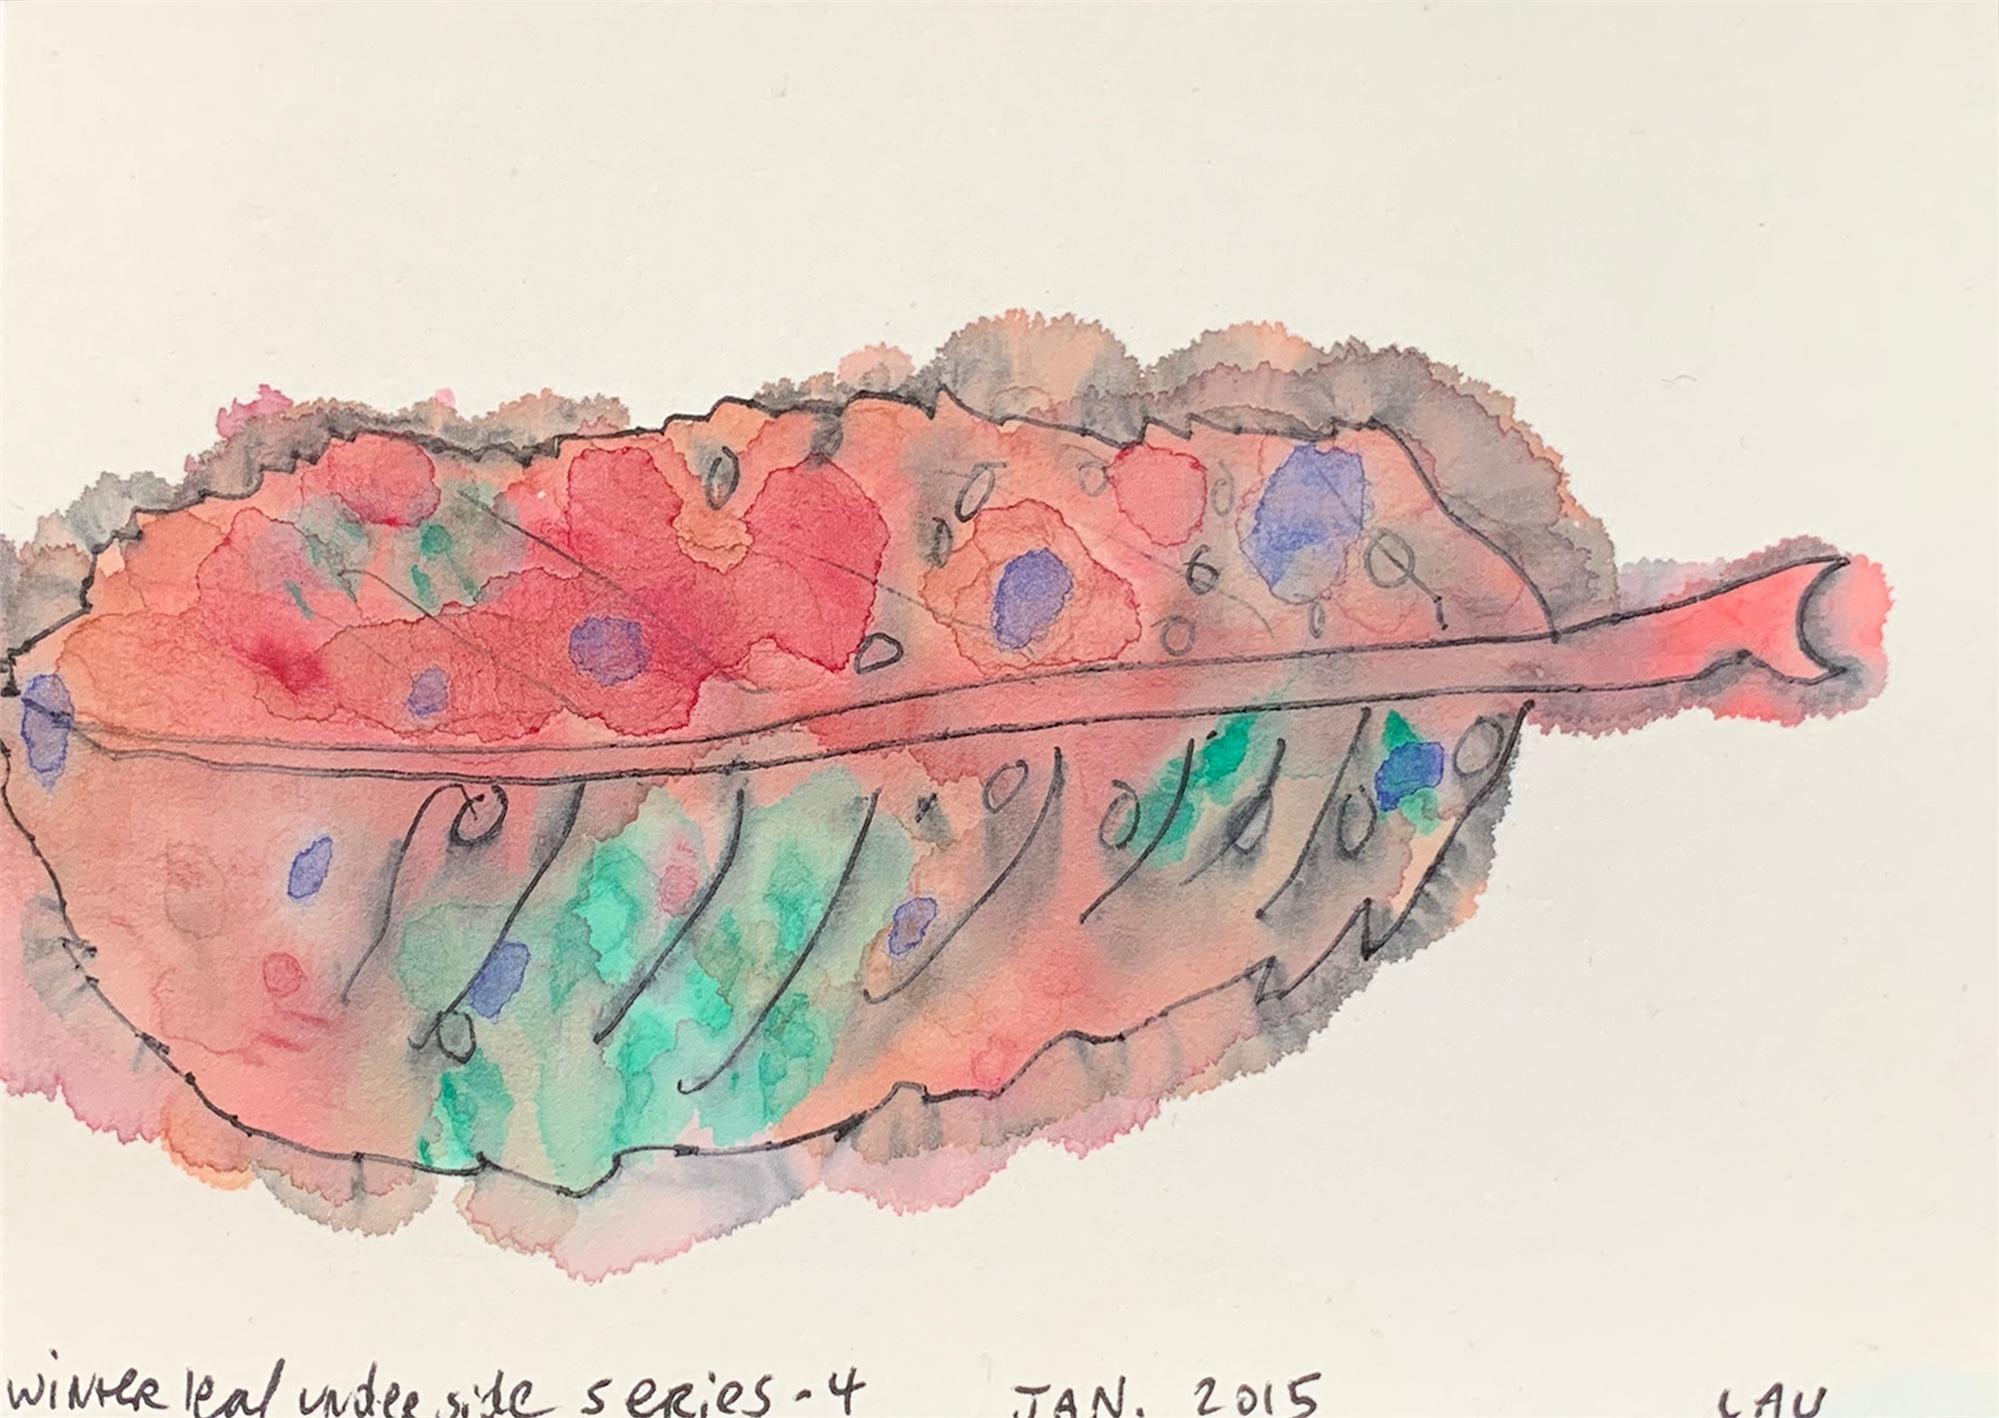 Winter Leaf Underside series 4 by Alan Lau